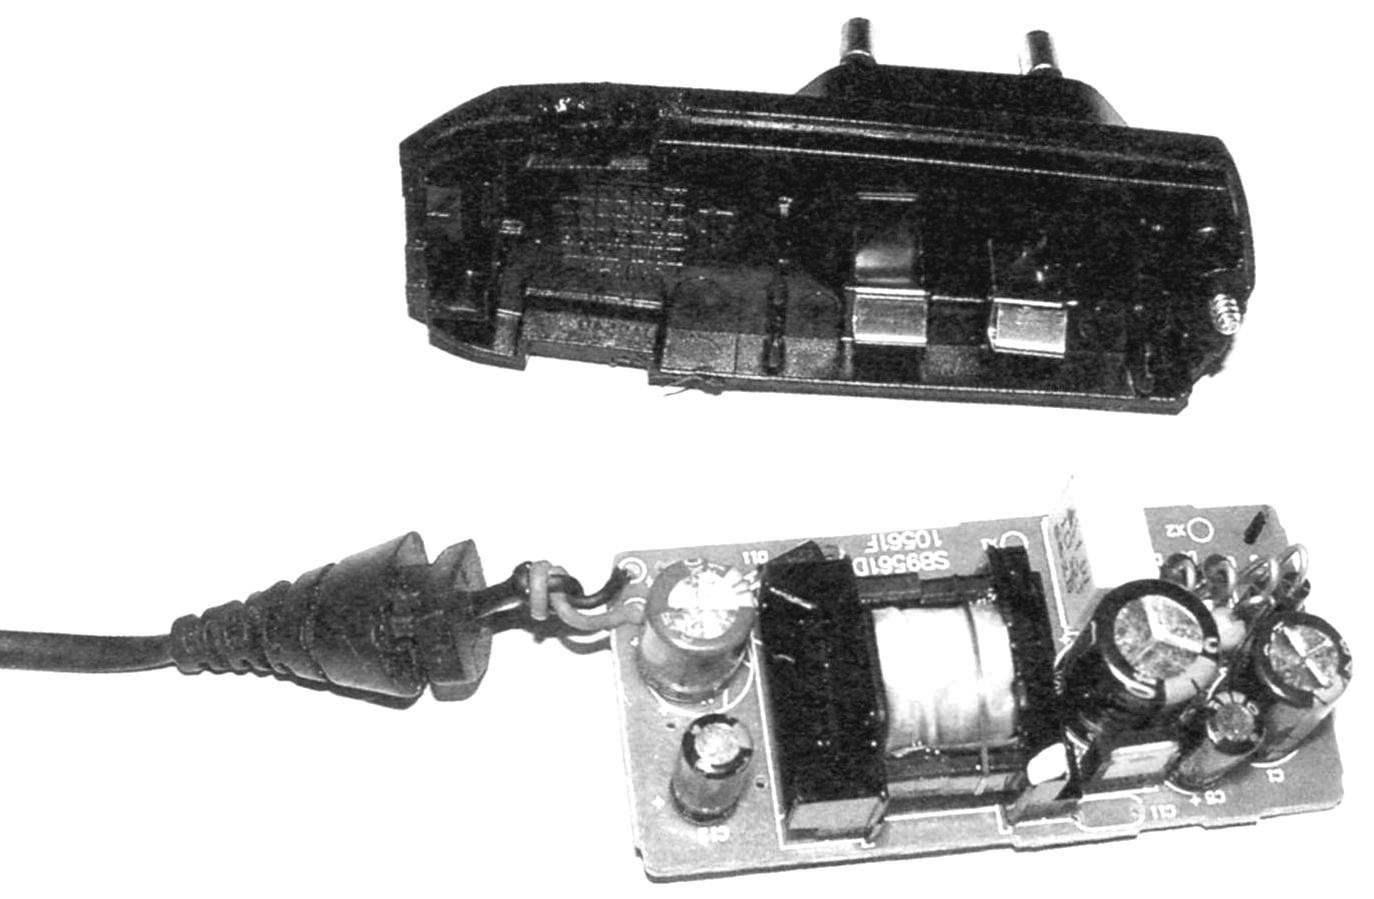 Рис. 2 (фото). Вид на внутреннее «содержание» сетевого адаптера питания -зарядного устройства для современных сотовых телефонов